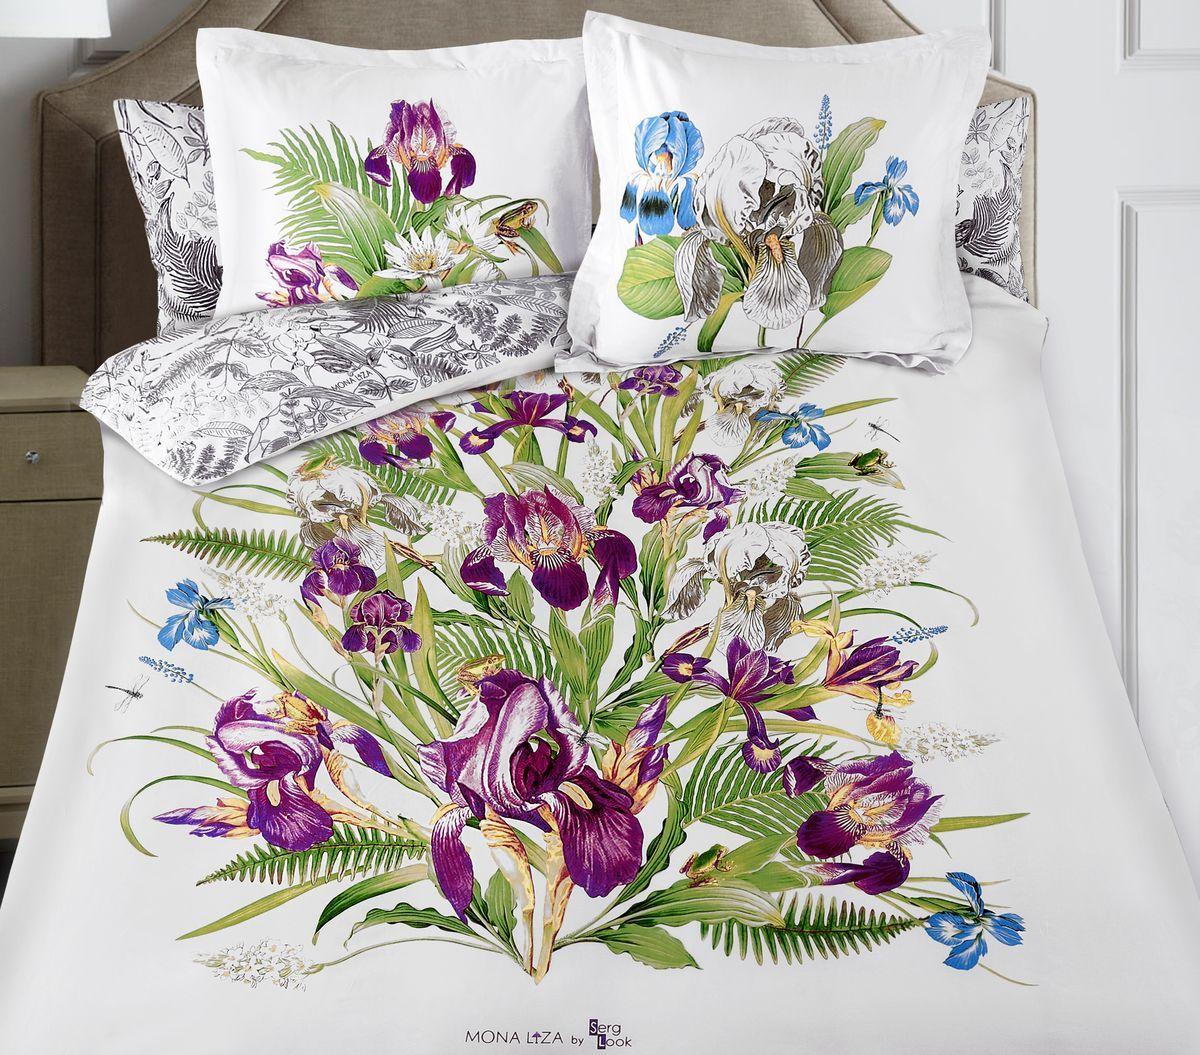 Комплект белья Mona Liza Iris, 2-спальный, наволочки 50x70, 70x70 см8/7Флоральные мотивы редких экзотических цветов, переведенные в паттерн, позаимствованы из путешествий по тропическим лесам, будоражат воображение природными сочетаниями цветовых палитр и роскошью принтов. Коллекция принесет в ваш дом незабываемое настроение и добавит колорит. Высококачественный сатин окутает и позволит раствориться в мечтах о дальних жарких странах и окунуться во время вечного лета!